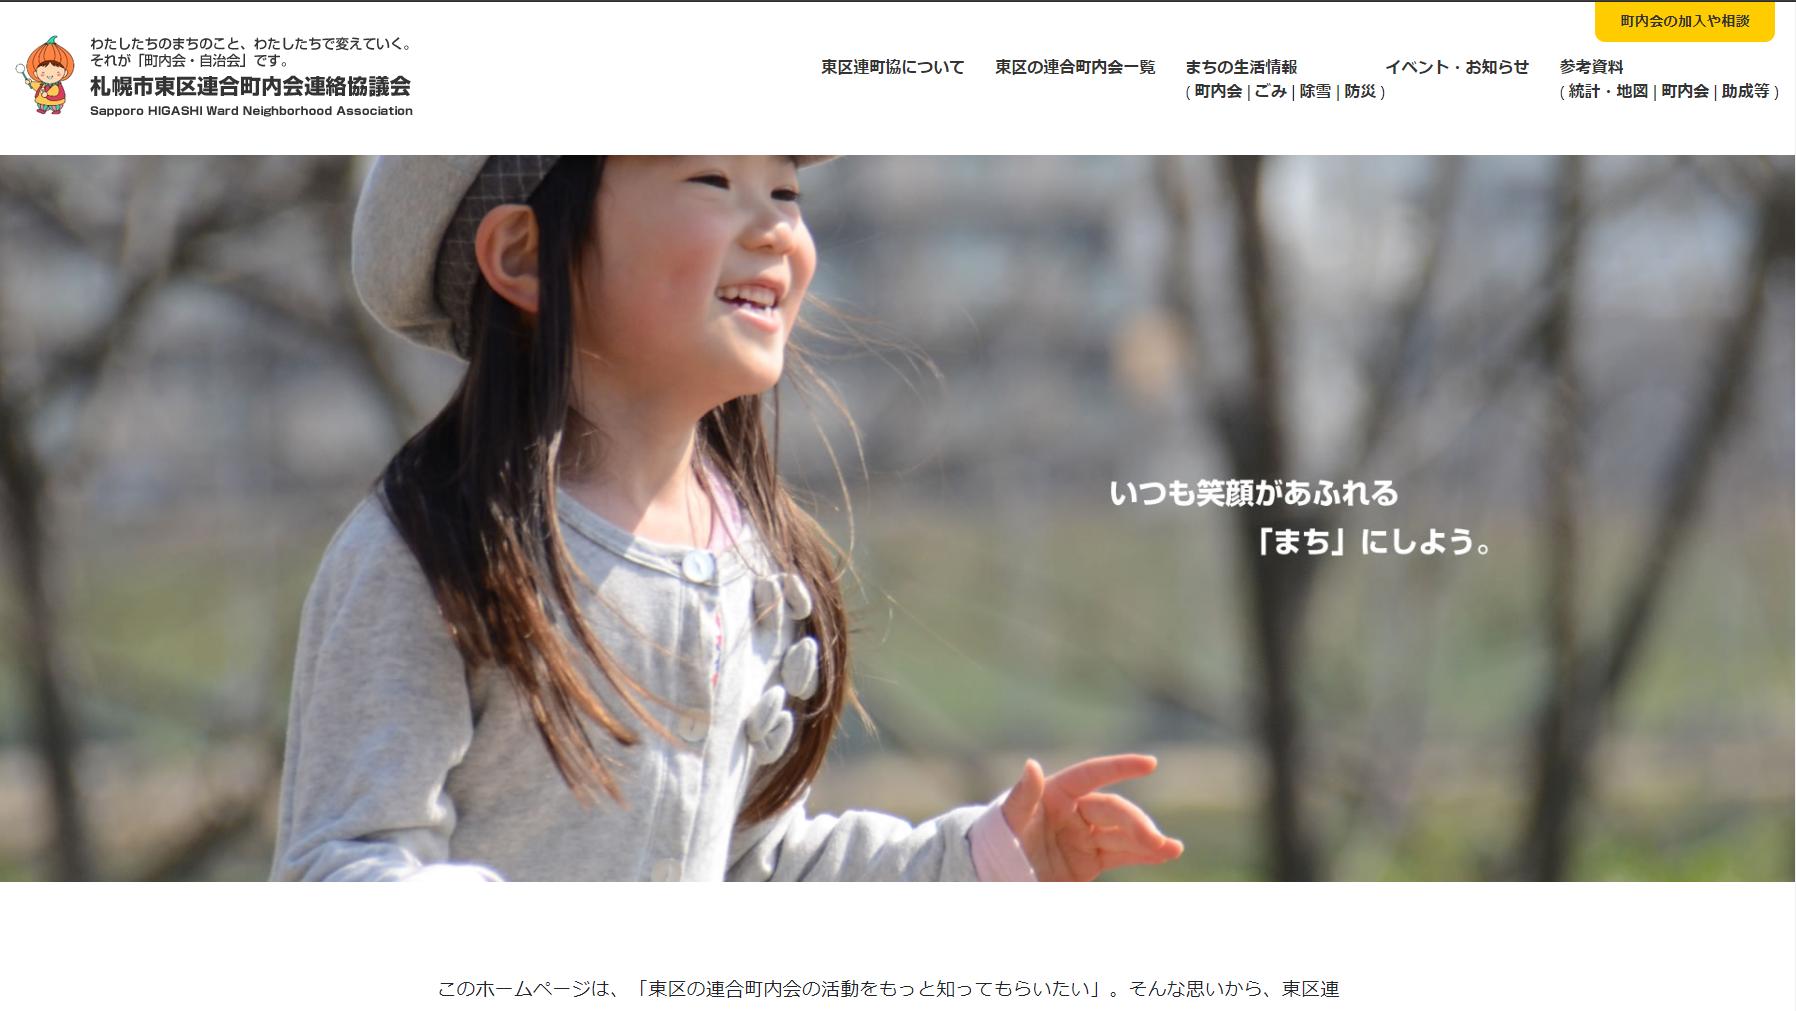 札幌市東区連合町内会連絡協議会公式ホームページ – 株式会社 ...